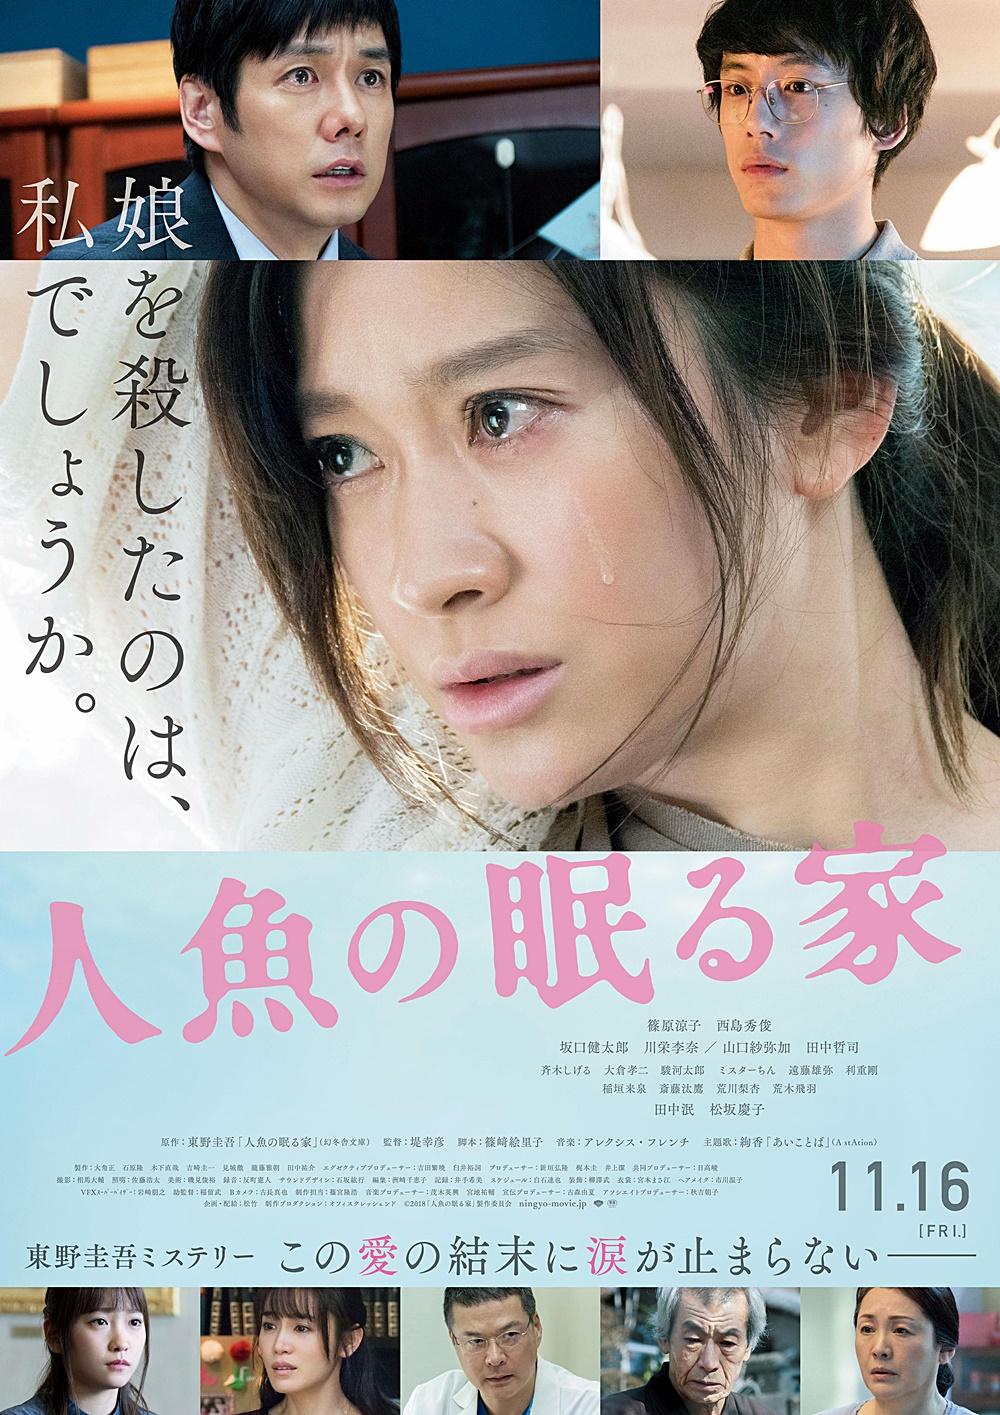 【画像】映画『人魚の眠る家』ポスタービジュアル